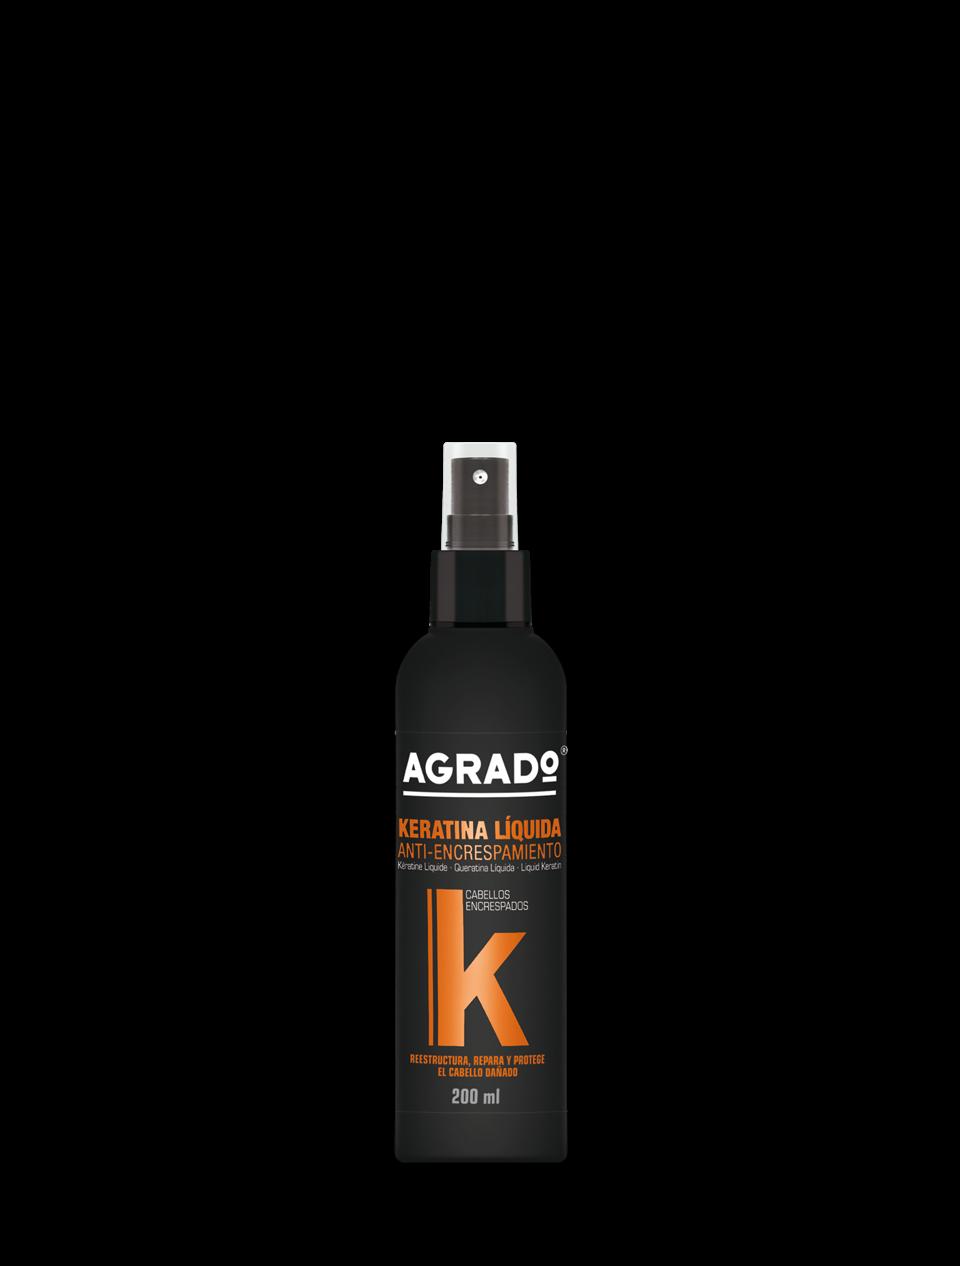 keratina-liquida-agrado-4918